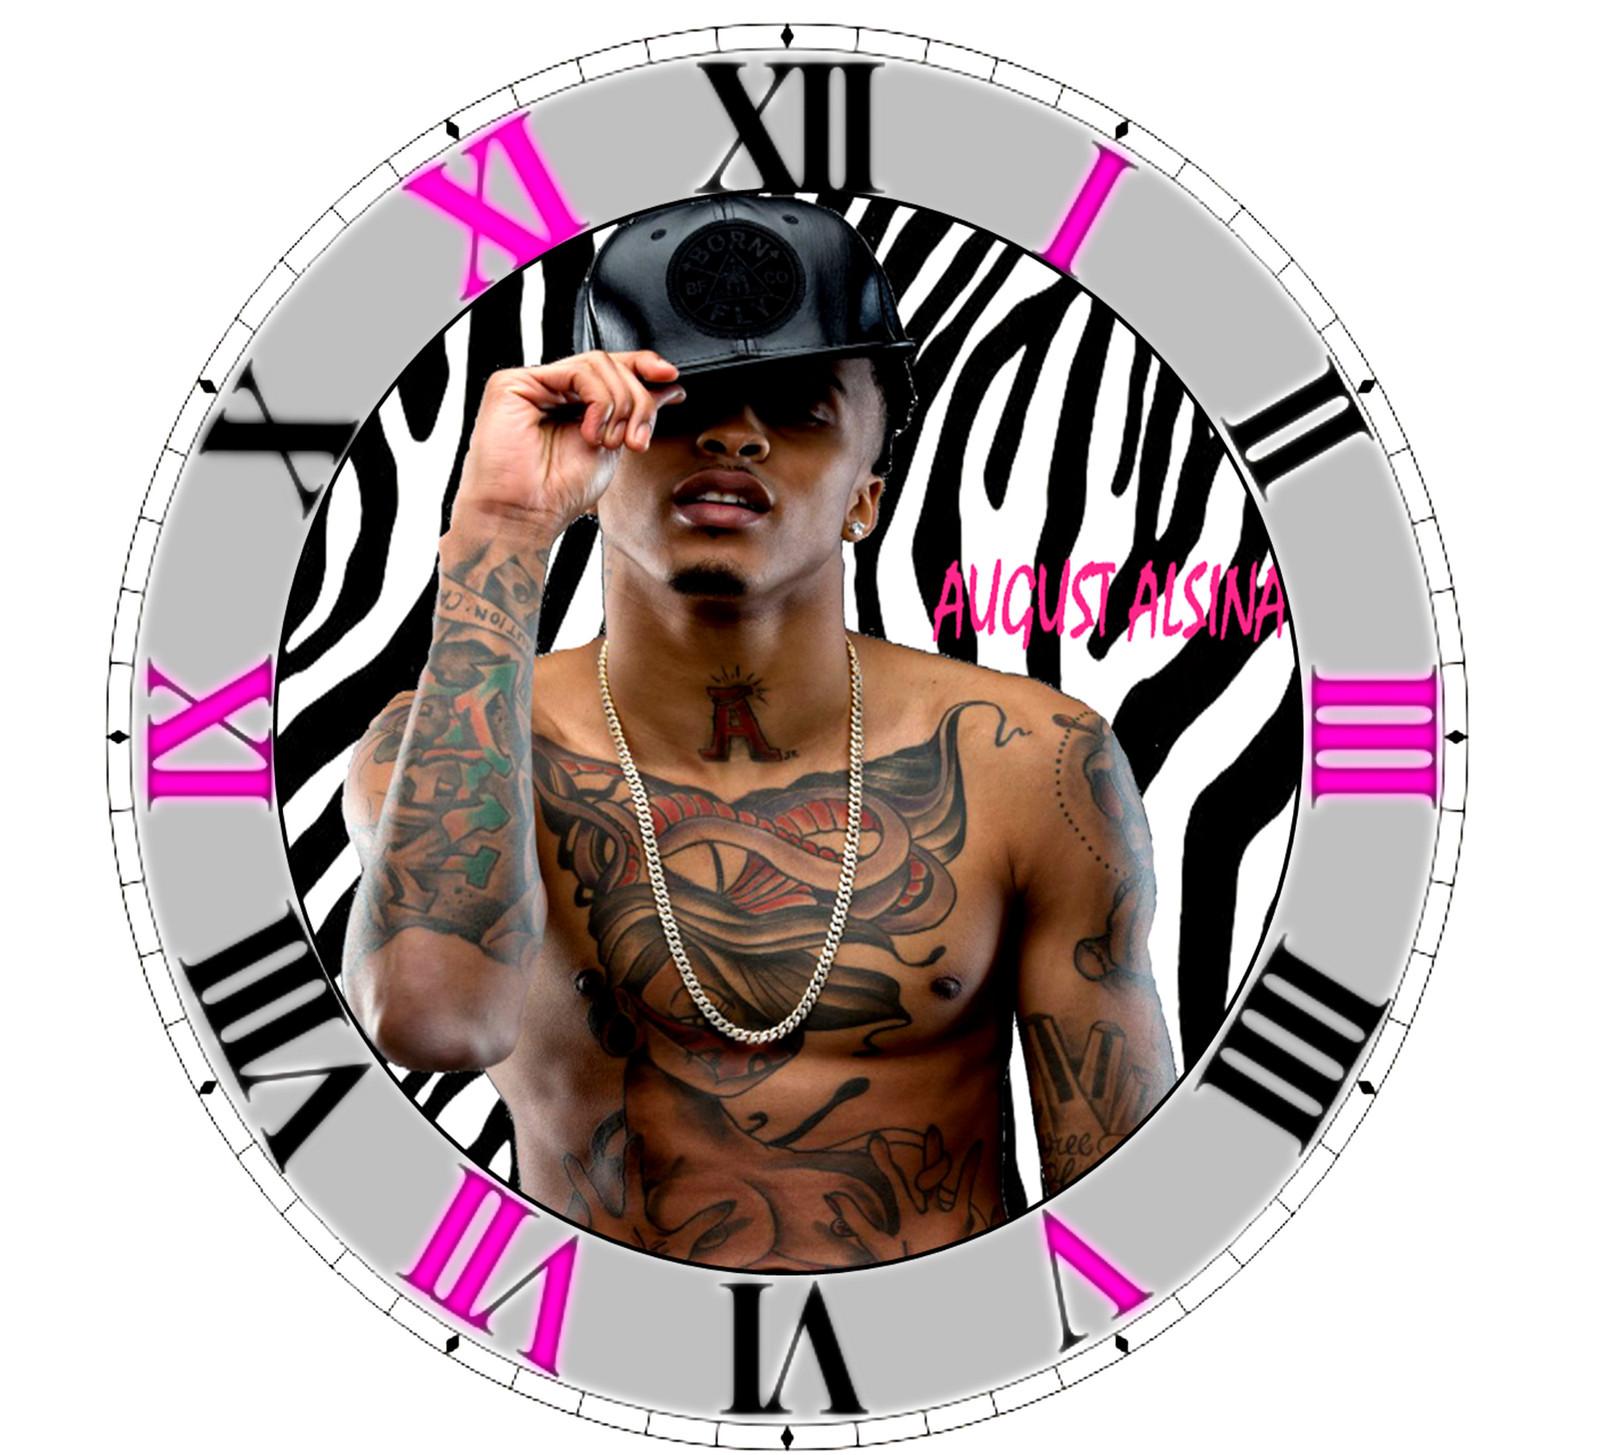 August Alsina R&B Artist Singer Wall Clock